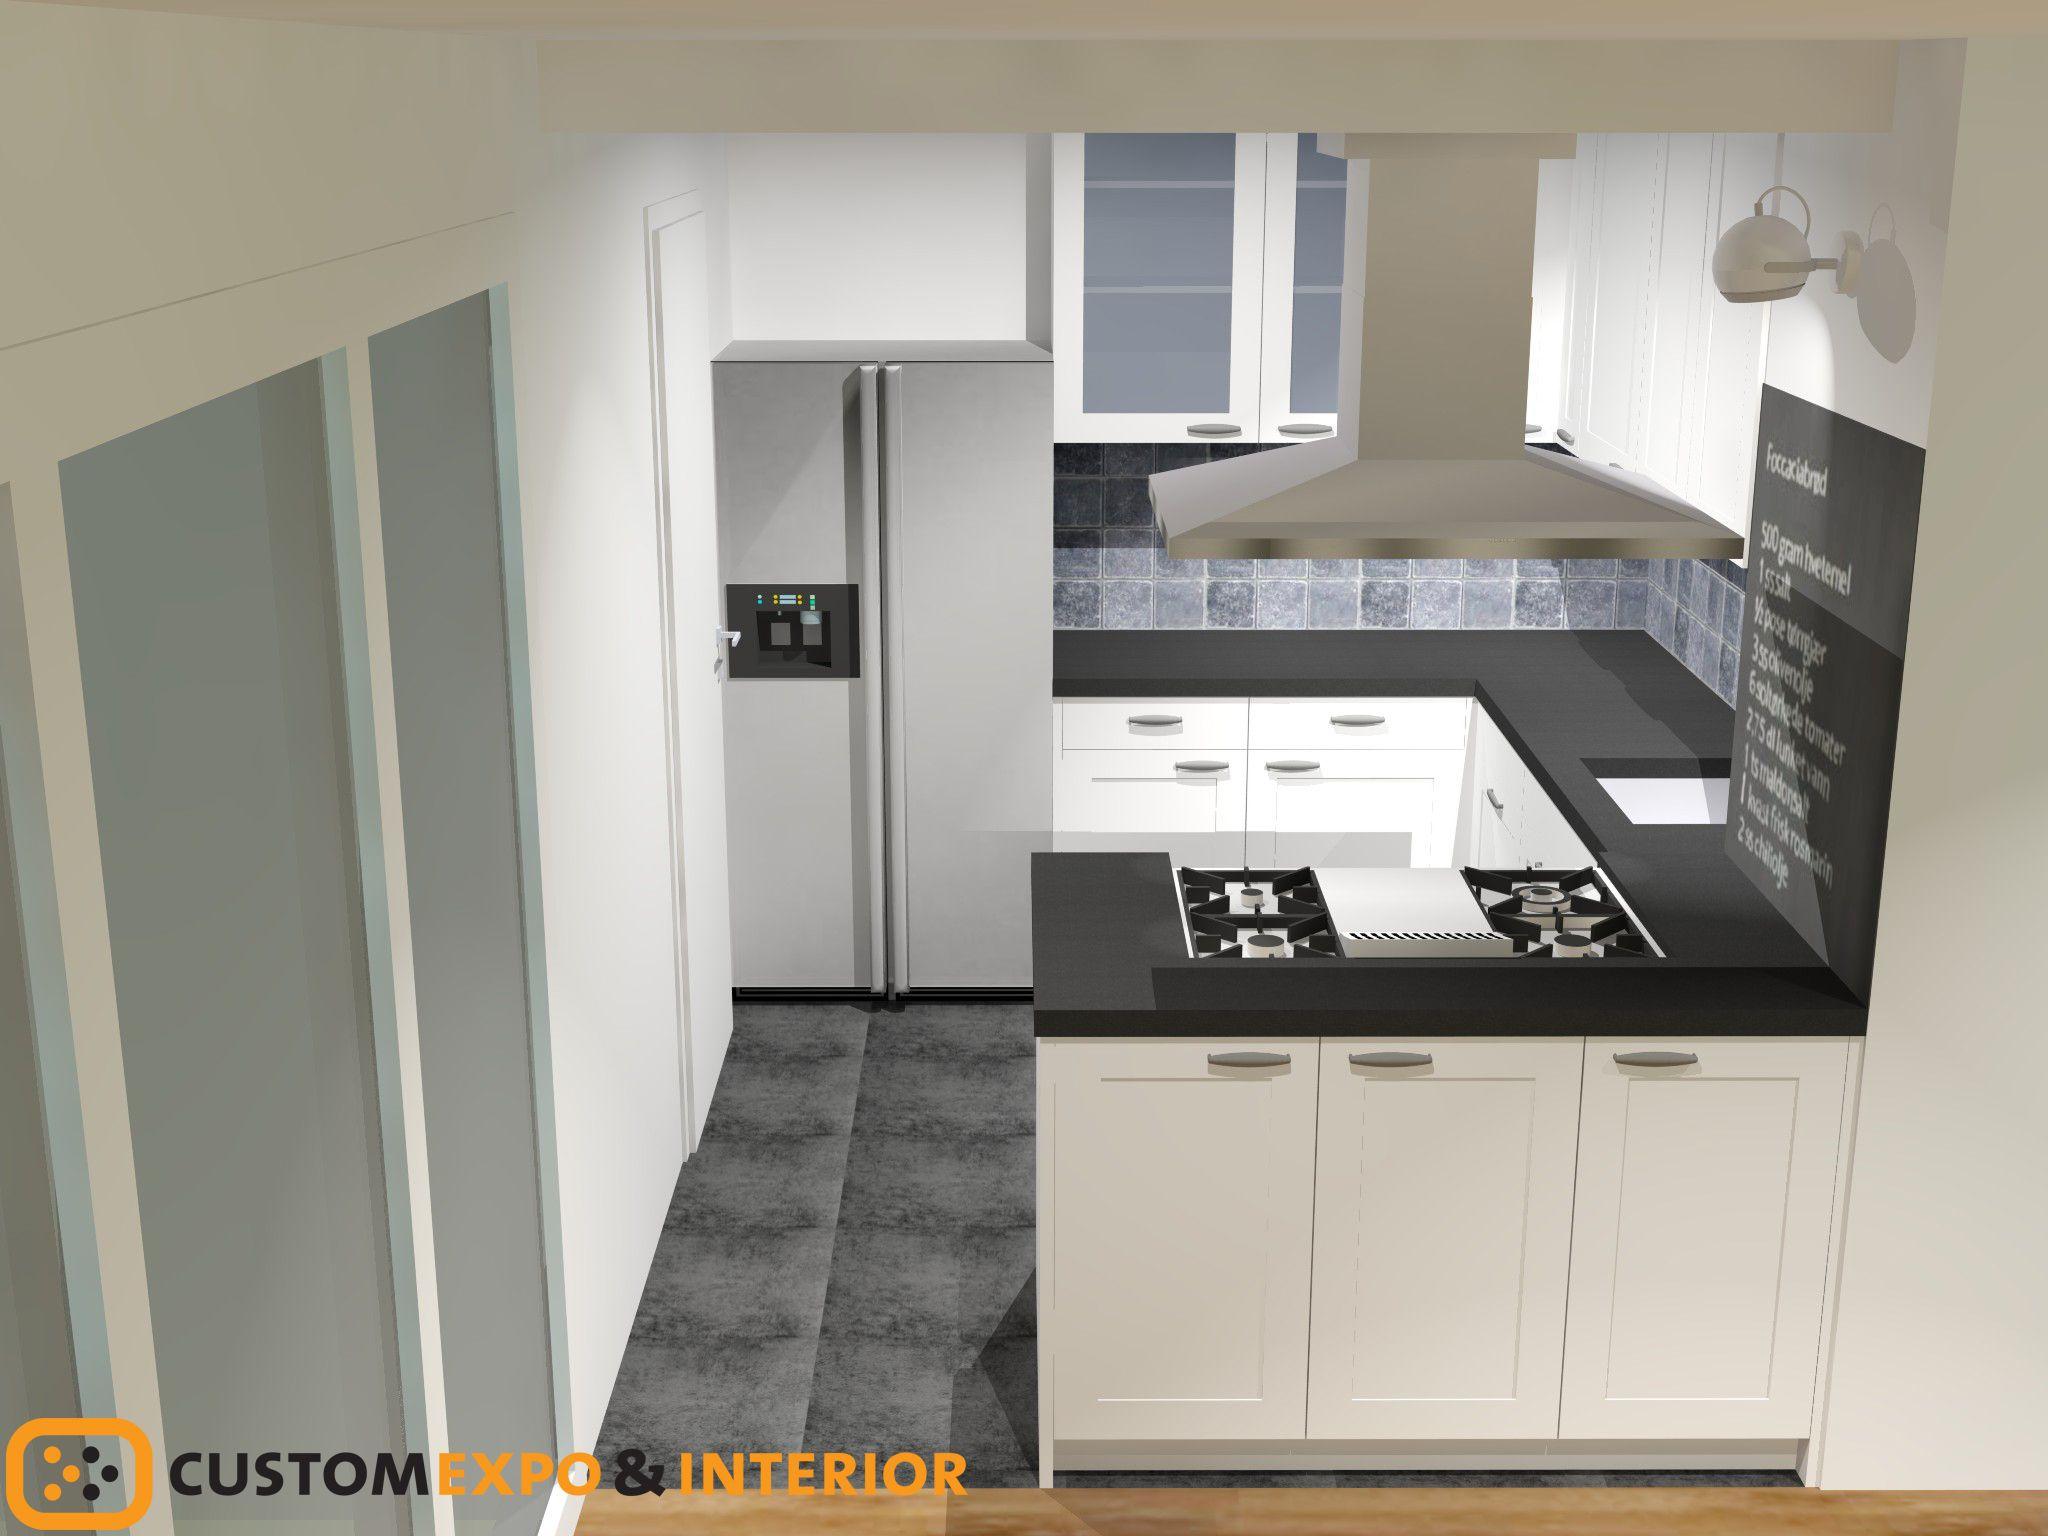 Landelijke keuken wit met zwart blad keuken - Betegeld zwart wit geblokte keuken ...